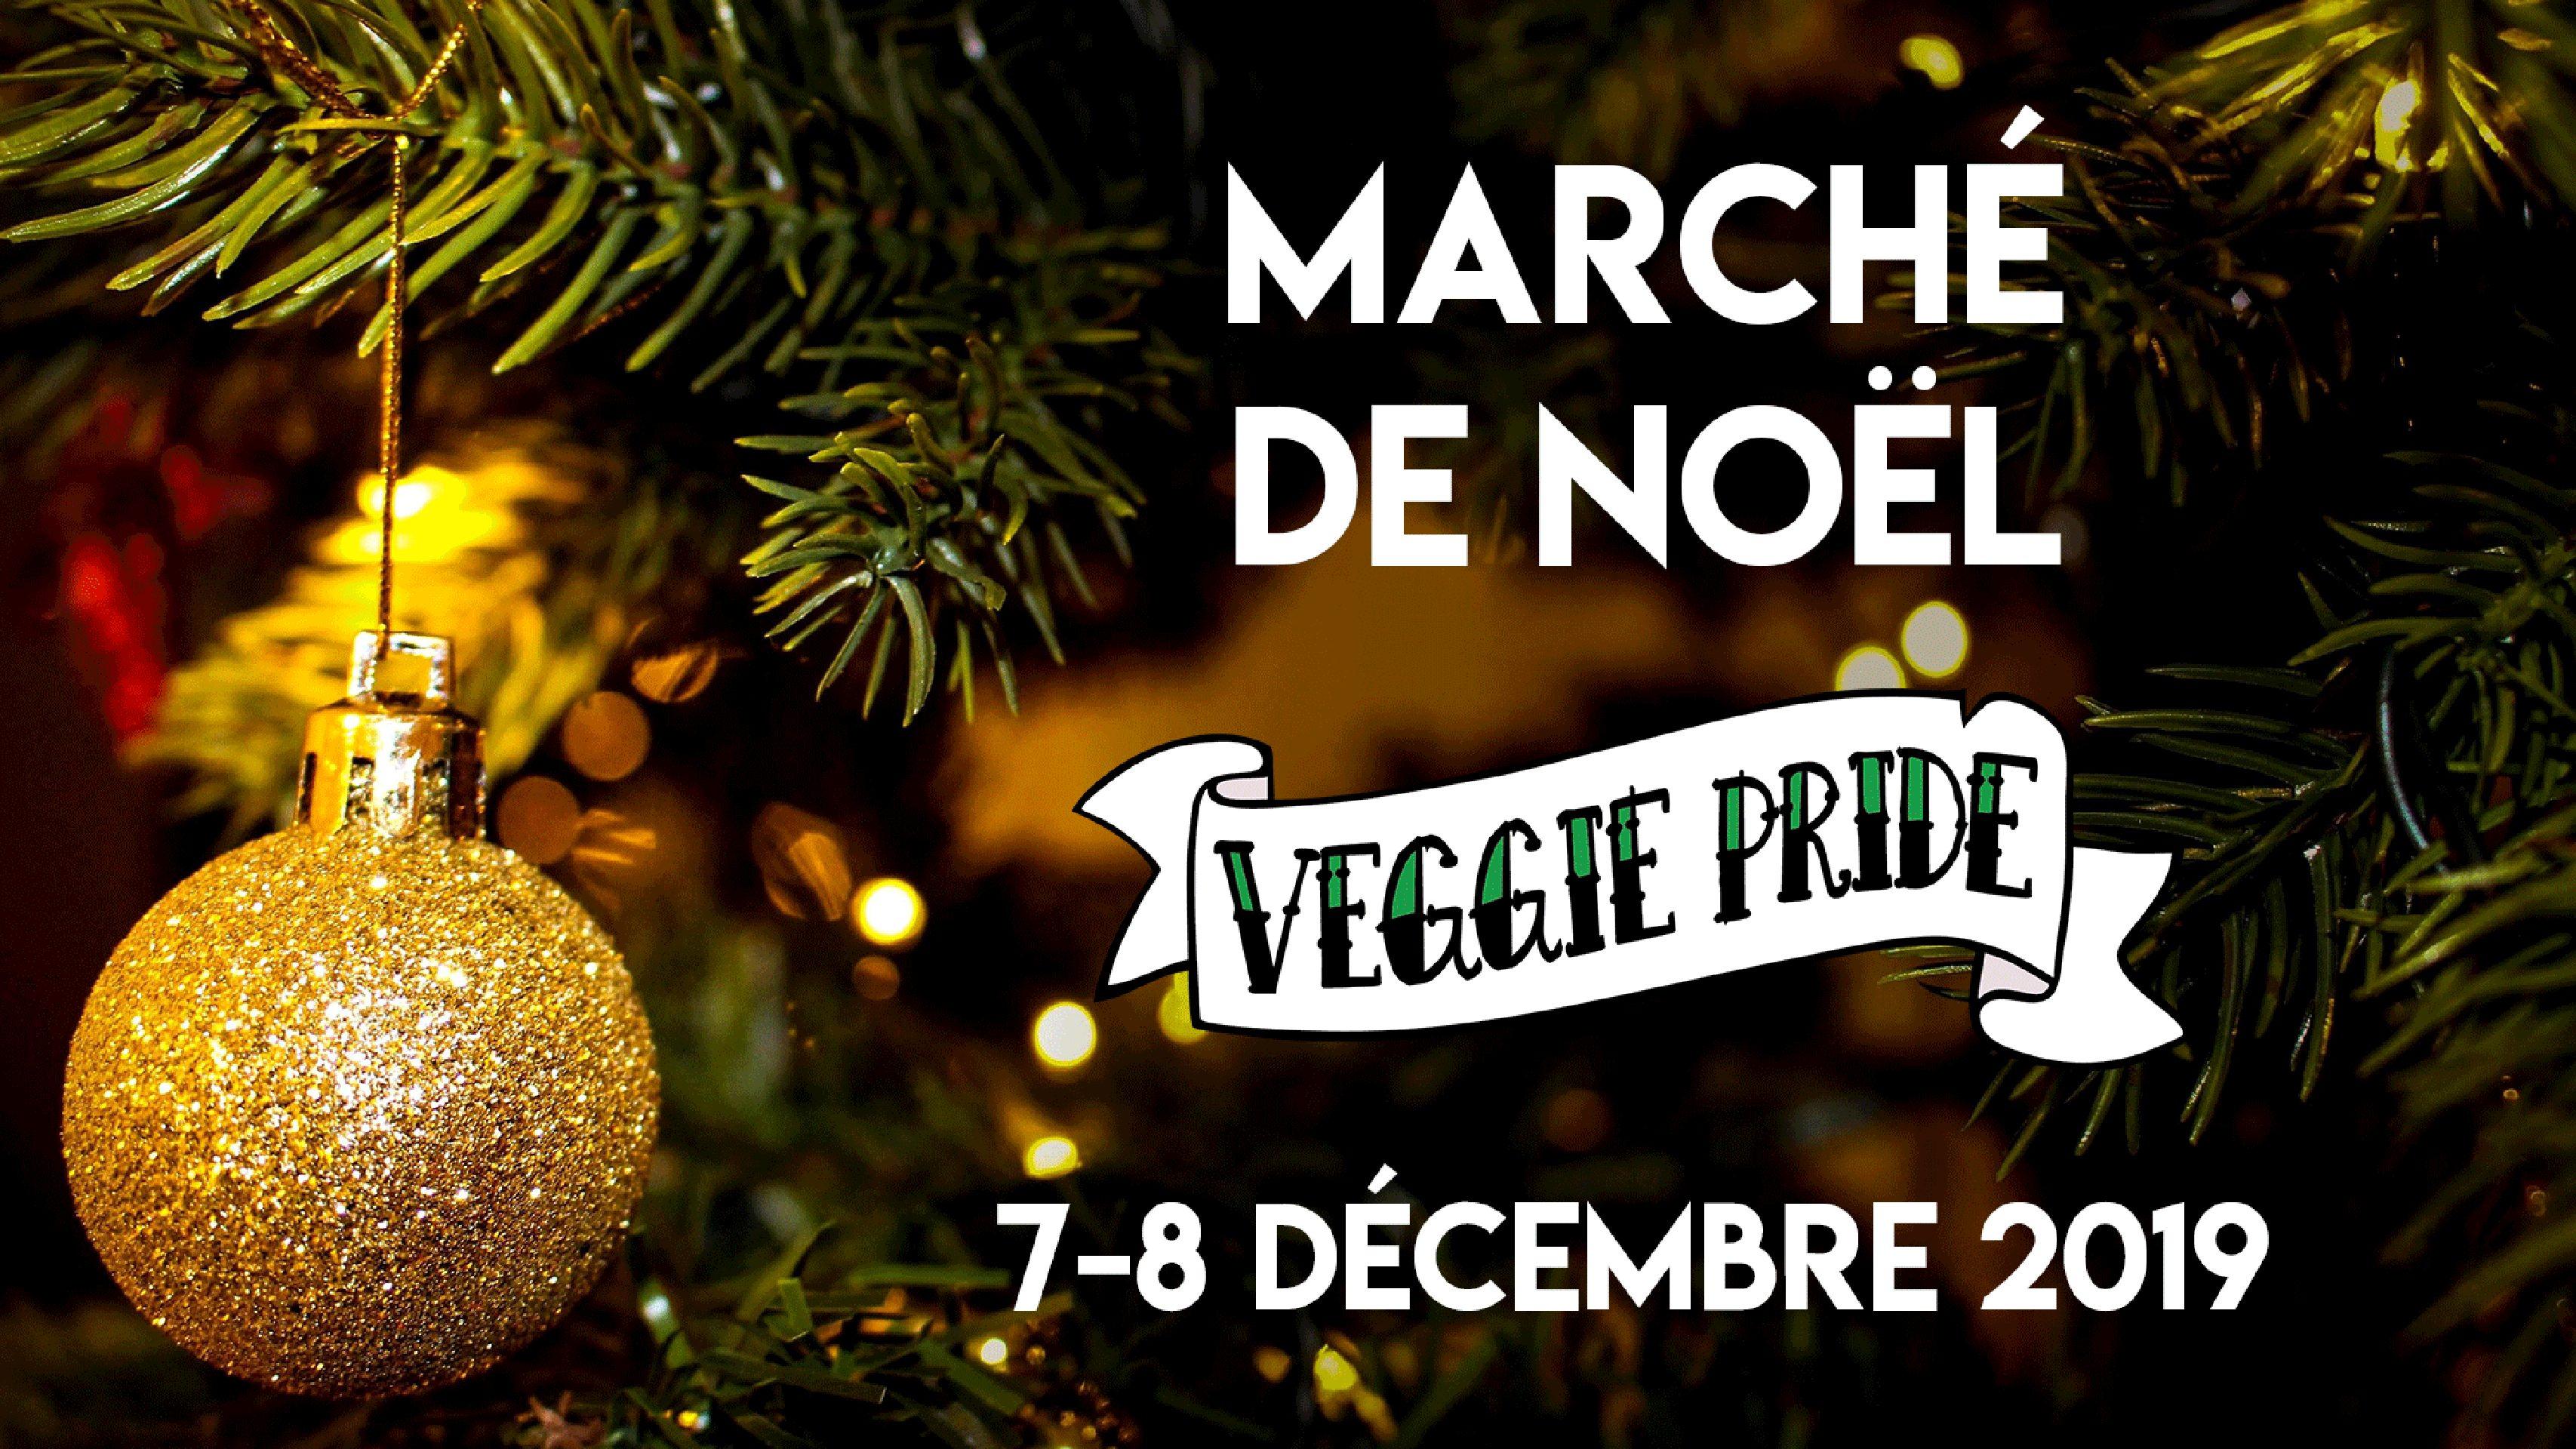 Marché de Noël de la Veggie Pride à Pantin à la Cité Fertile